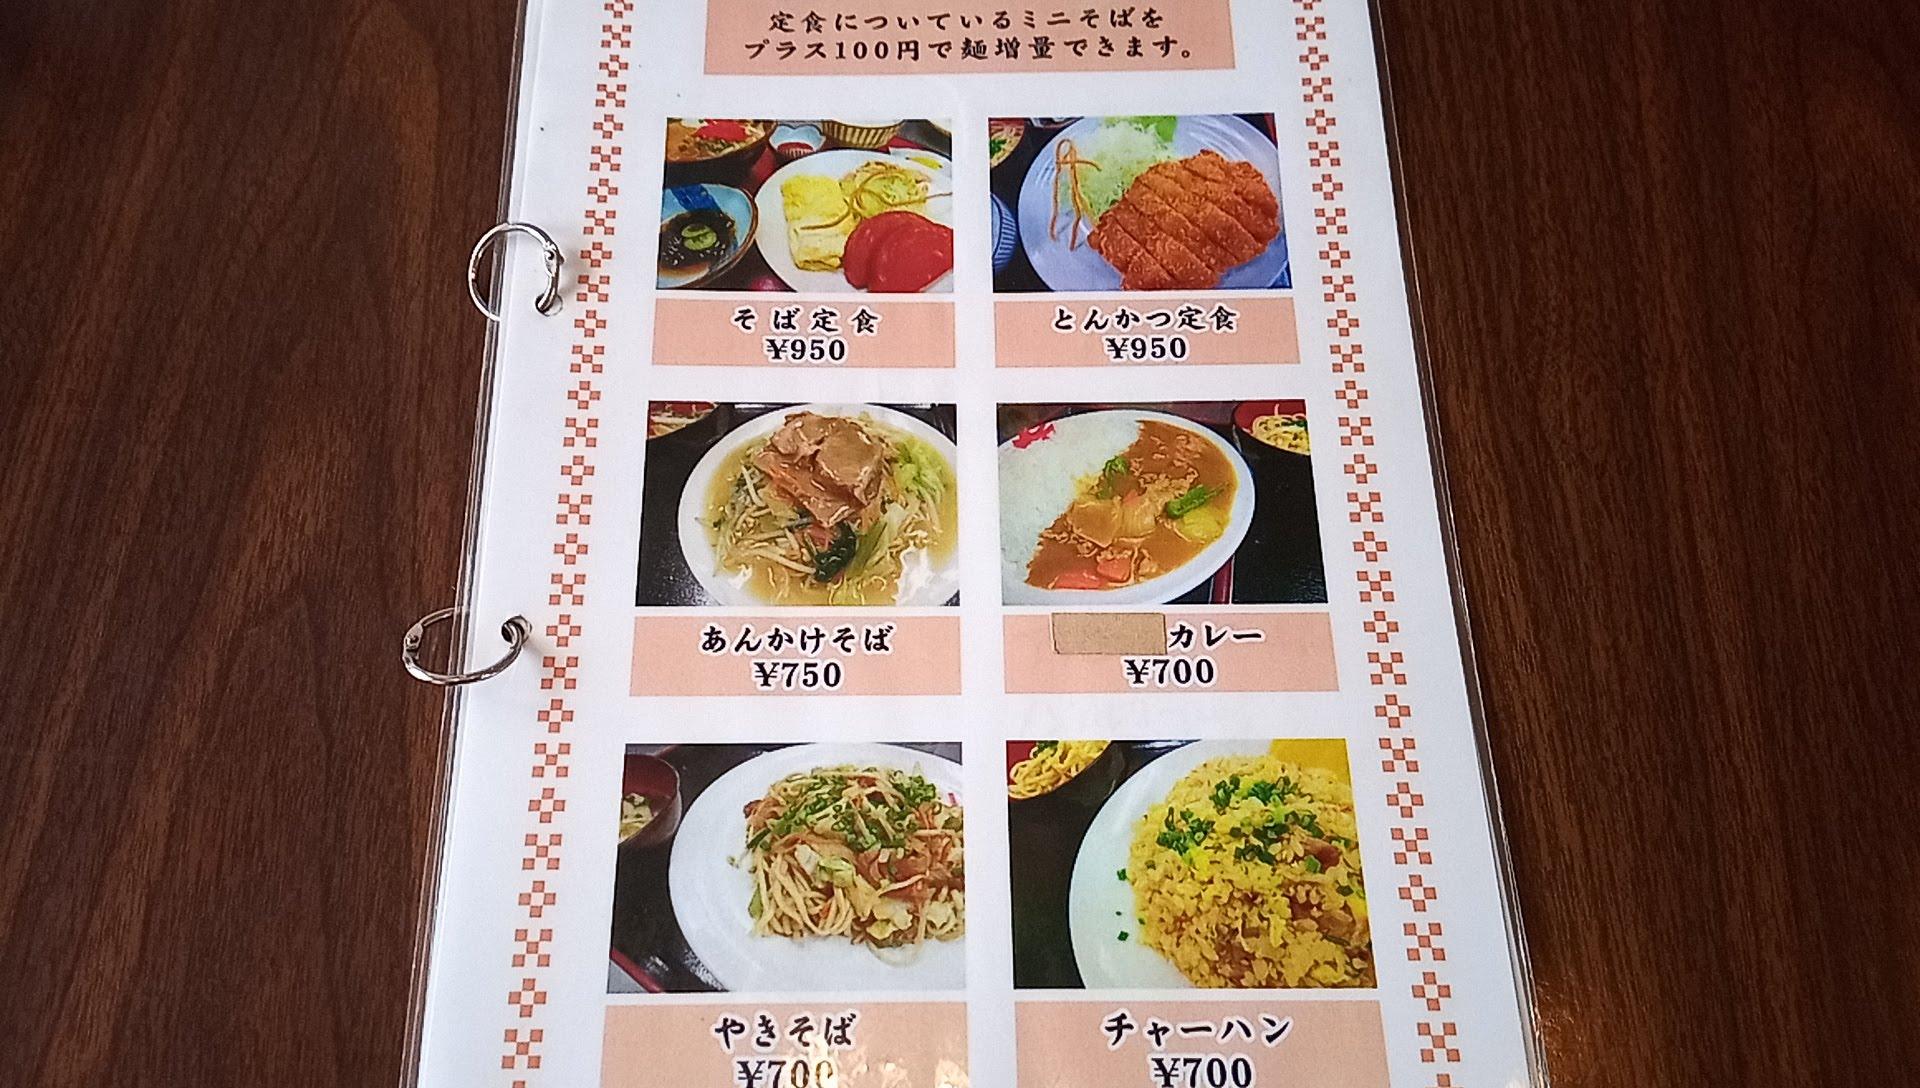 the menu for Yutanza Soba 2